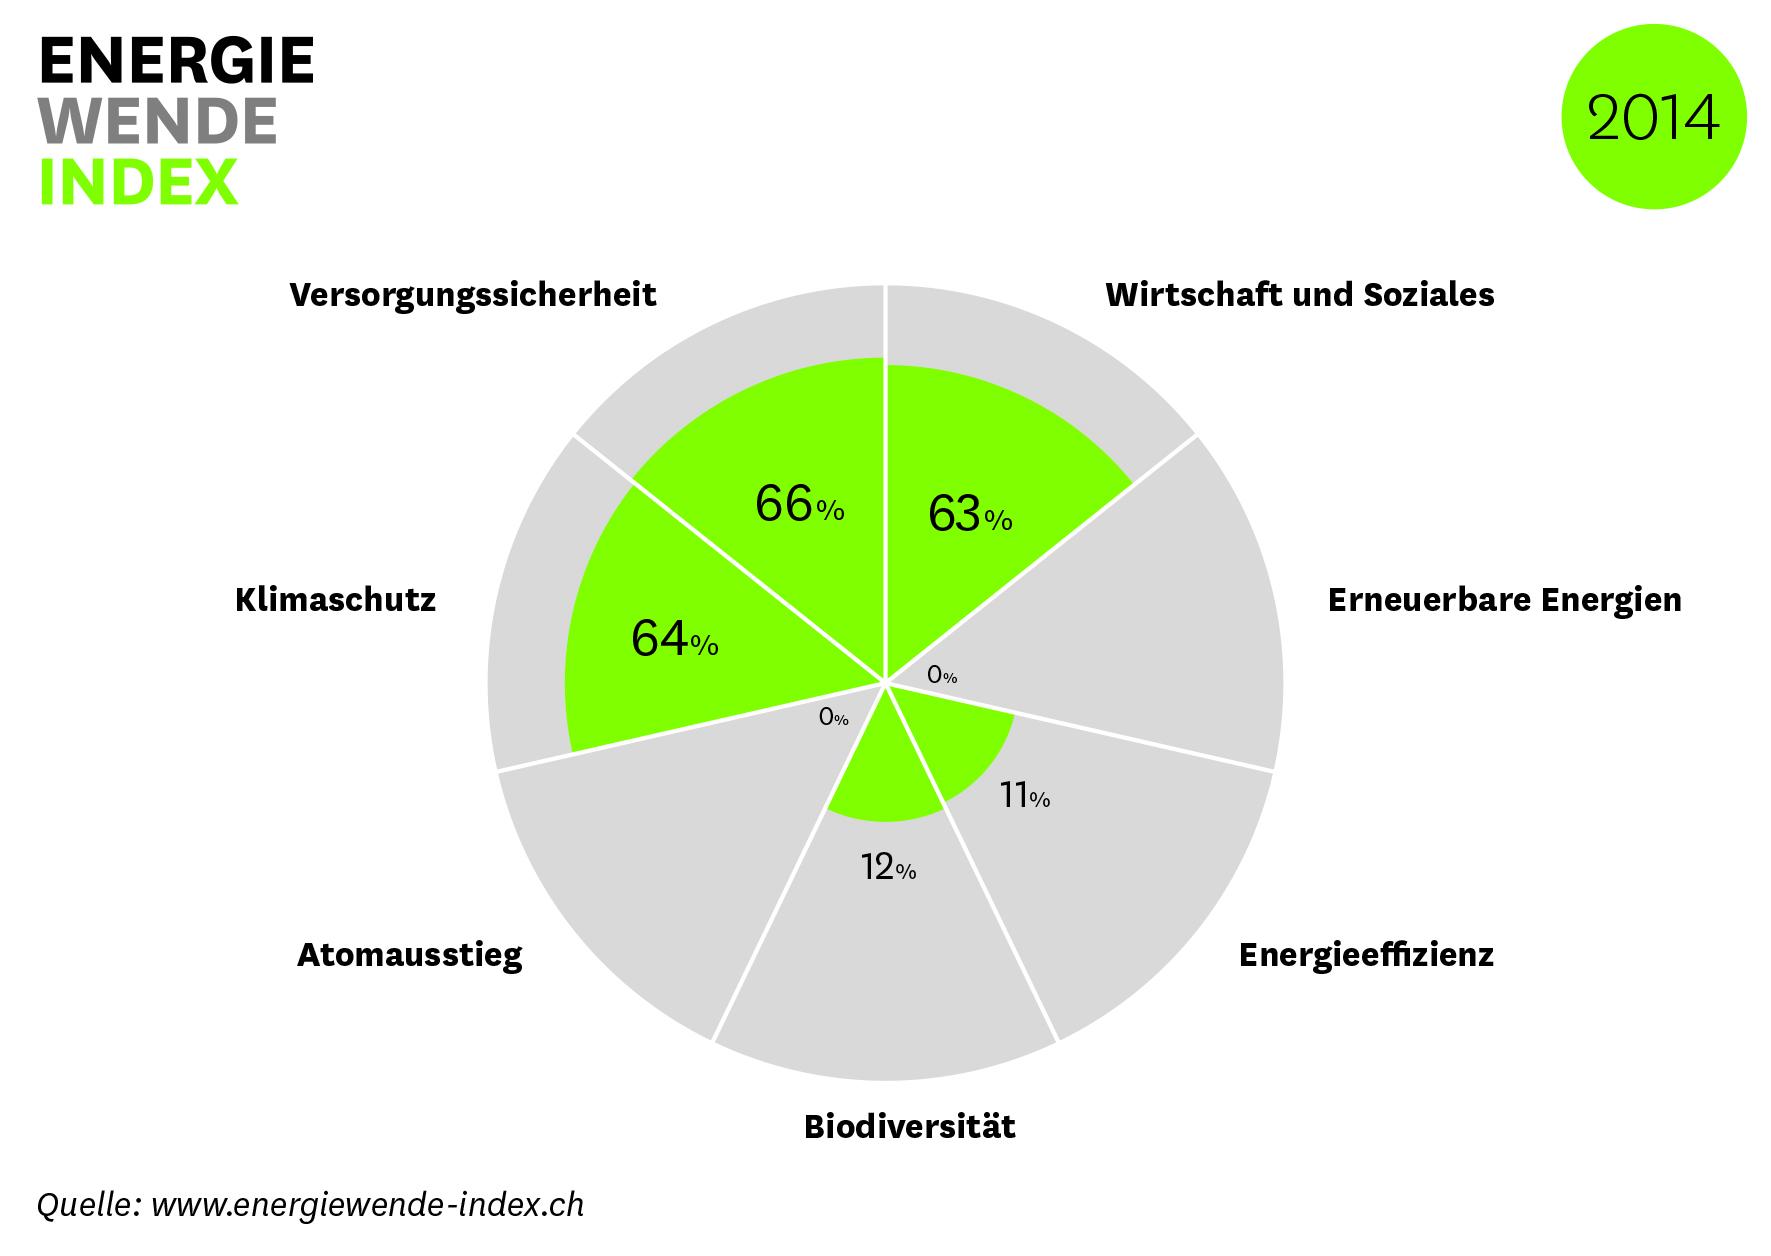 Energiewende-Index 2014